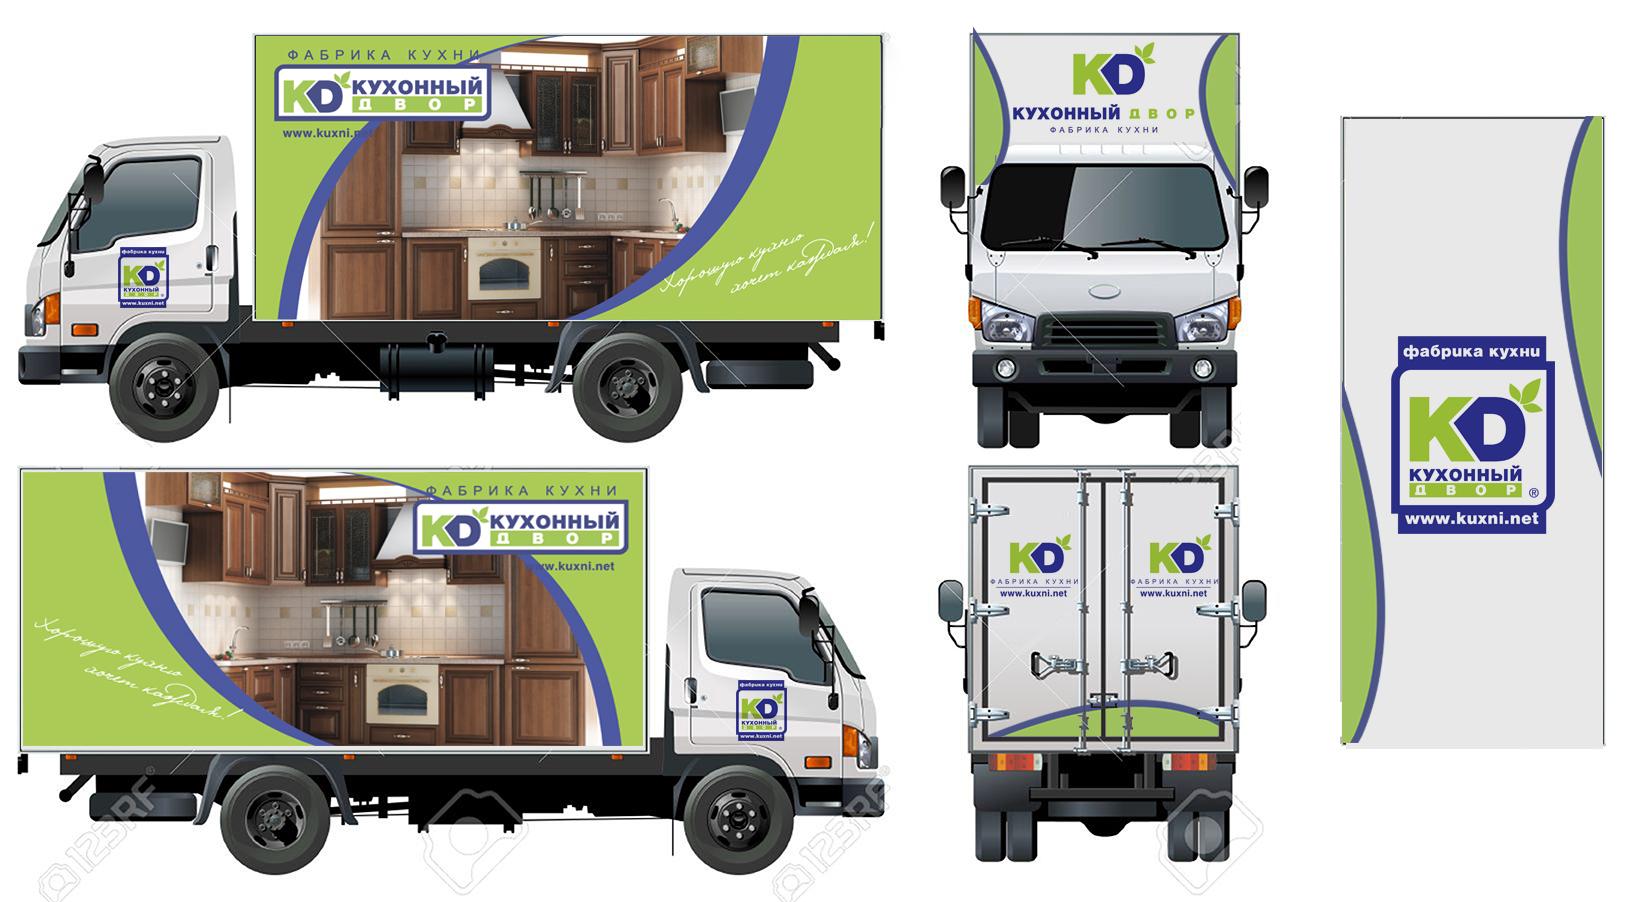 """Брендирование грузового авто для компании """"Кухонный двор"""" фото f_11859c63345ed32c.jpg"""